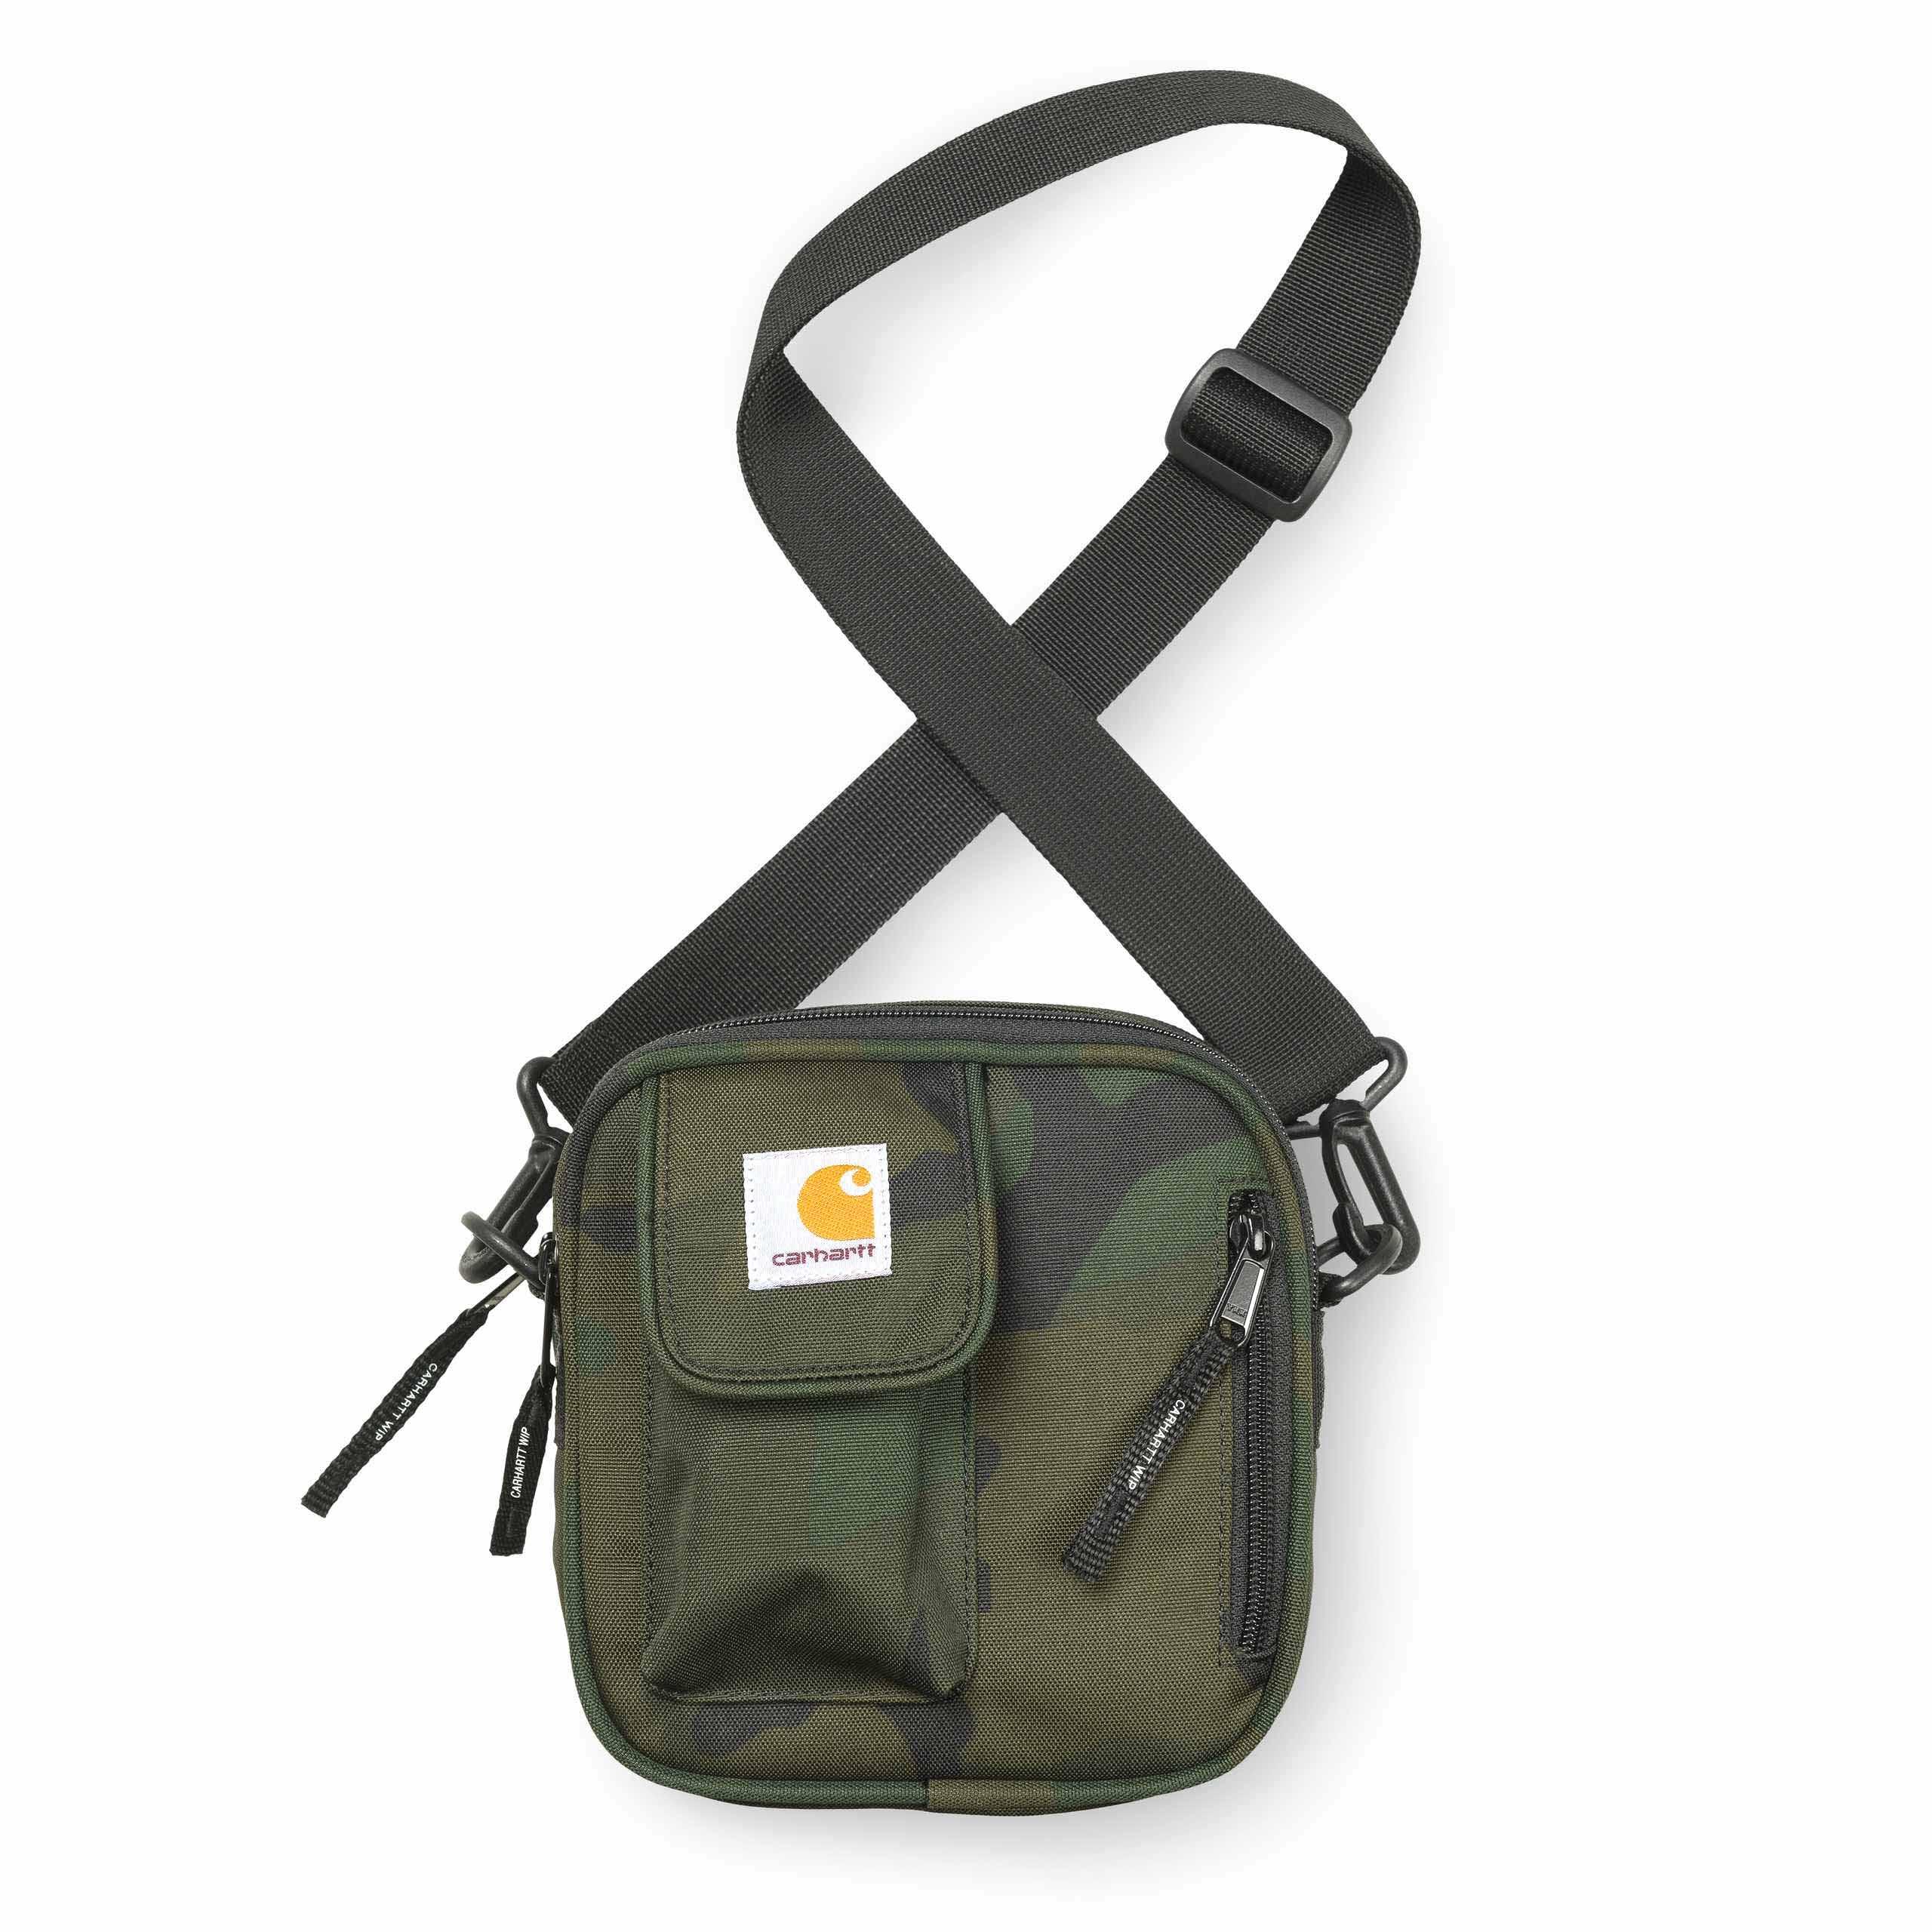 Carhartt WIP - ESSENTIALS BAG SMALL - Camo Combat Green